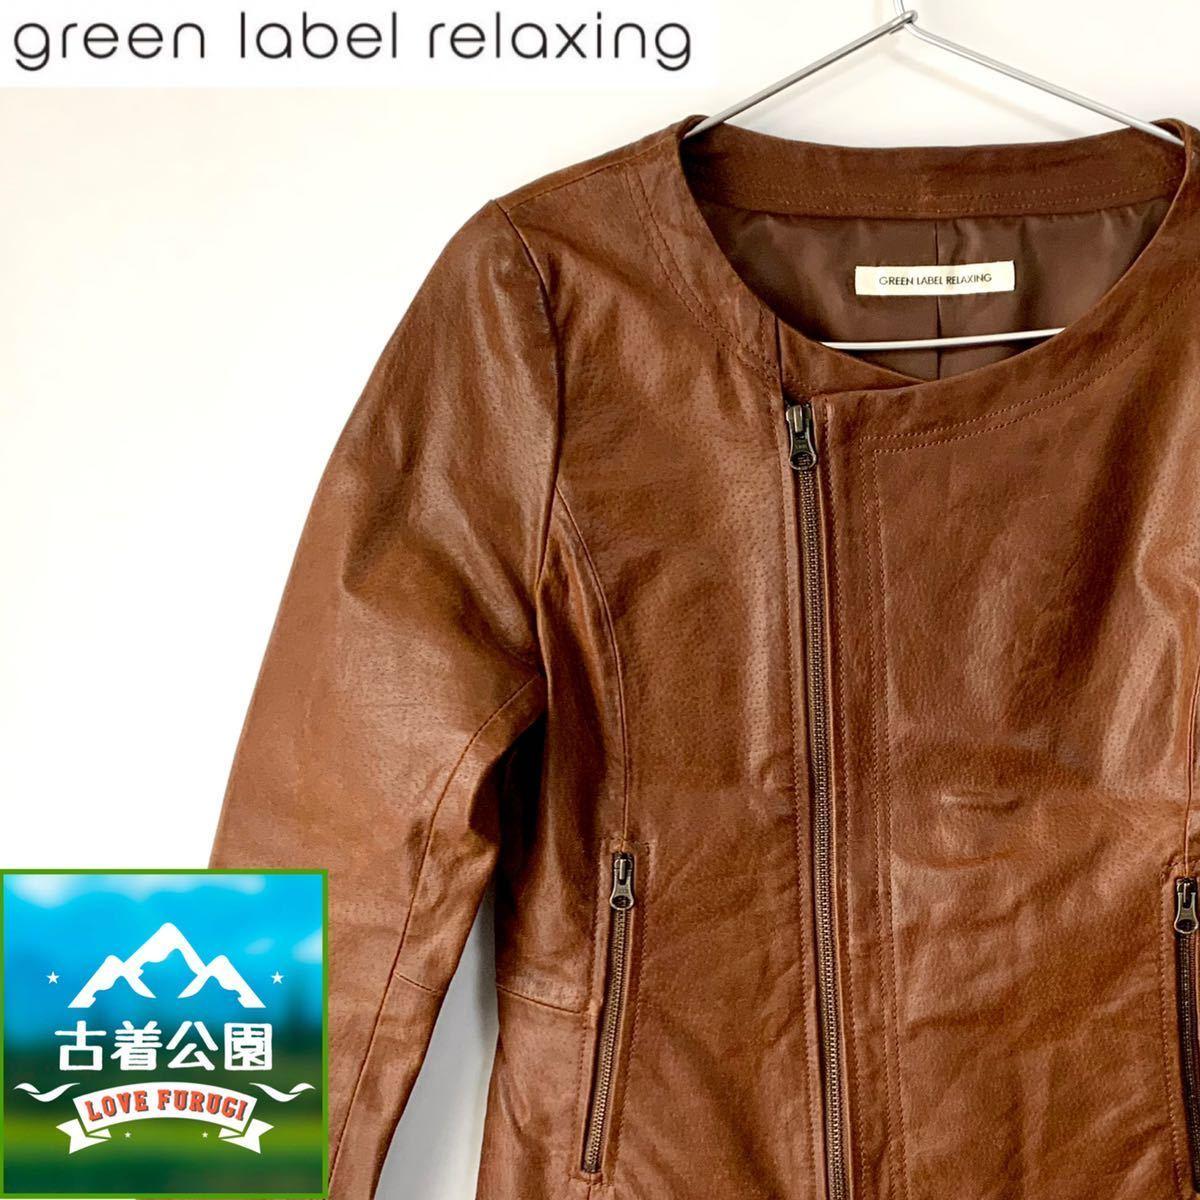 送料無料★即決★サイズ38★green label relaxing★レザージャケット 豚革 本革 グリーンレーベルリラクシング レディース T-585 古着公園